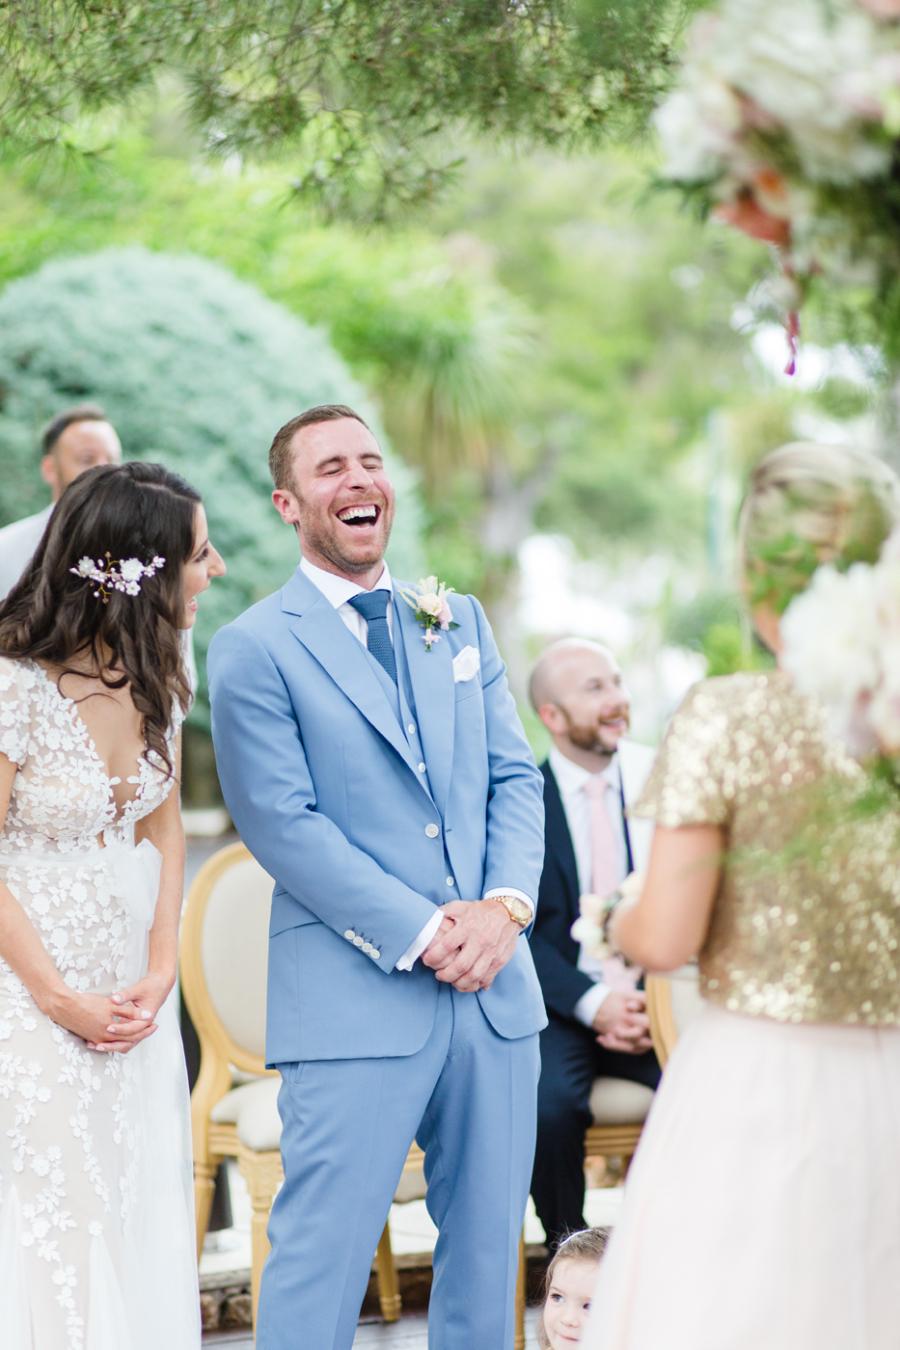 Przemówienie weselne, trendy ślubne, organizacja ślubu i wesela, toasty weselne, wznoszenie toastu, tata panny młodej mowa, Podziękowania, Amerykańskie wesela, porady ślubne, mowa ślubna, Scenariusz wesela